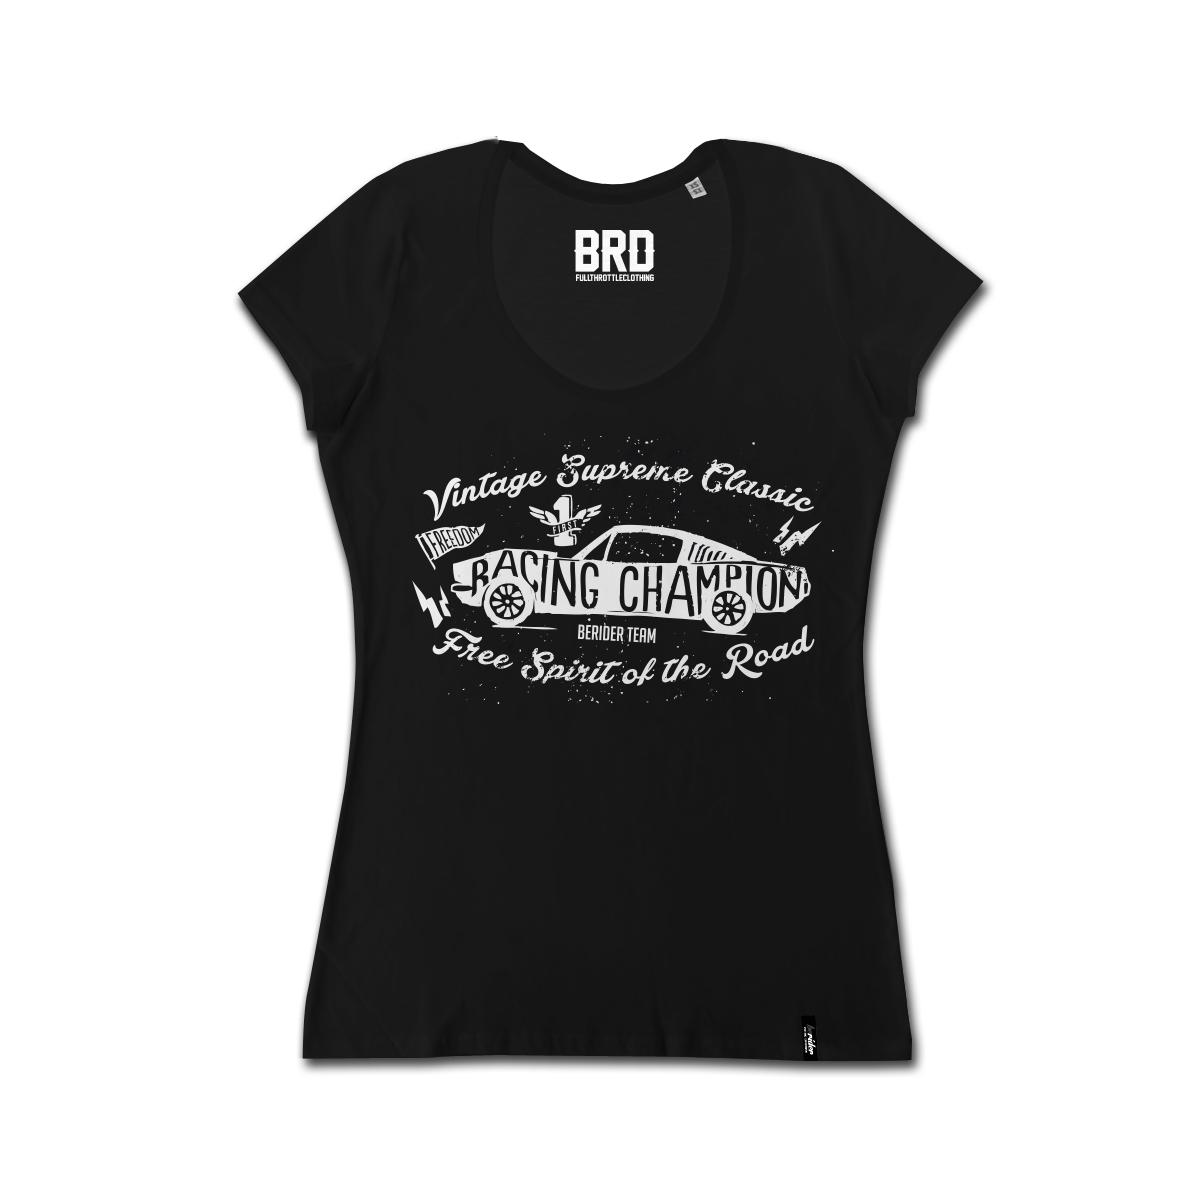 T-shirt Cafe Racer Donna Vintage Supreme Classic